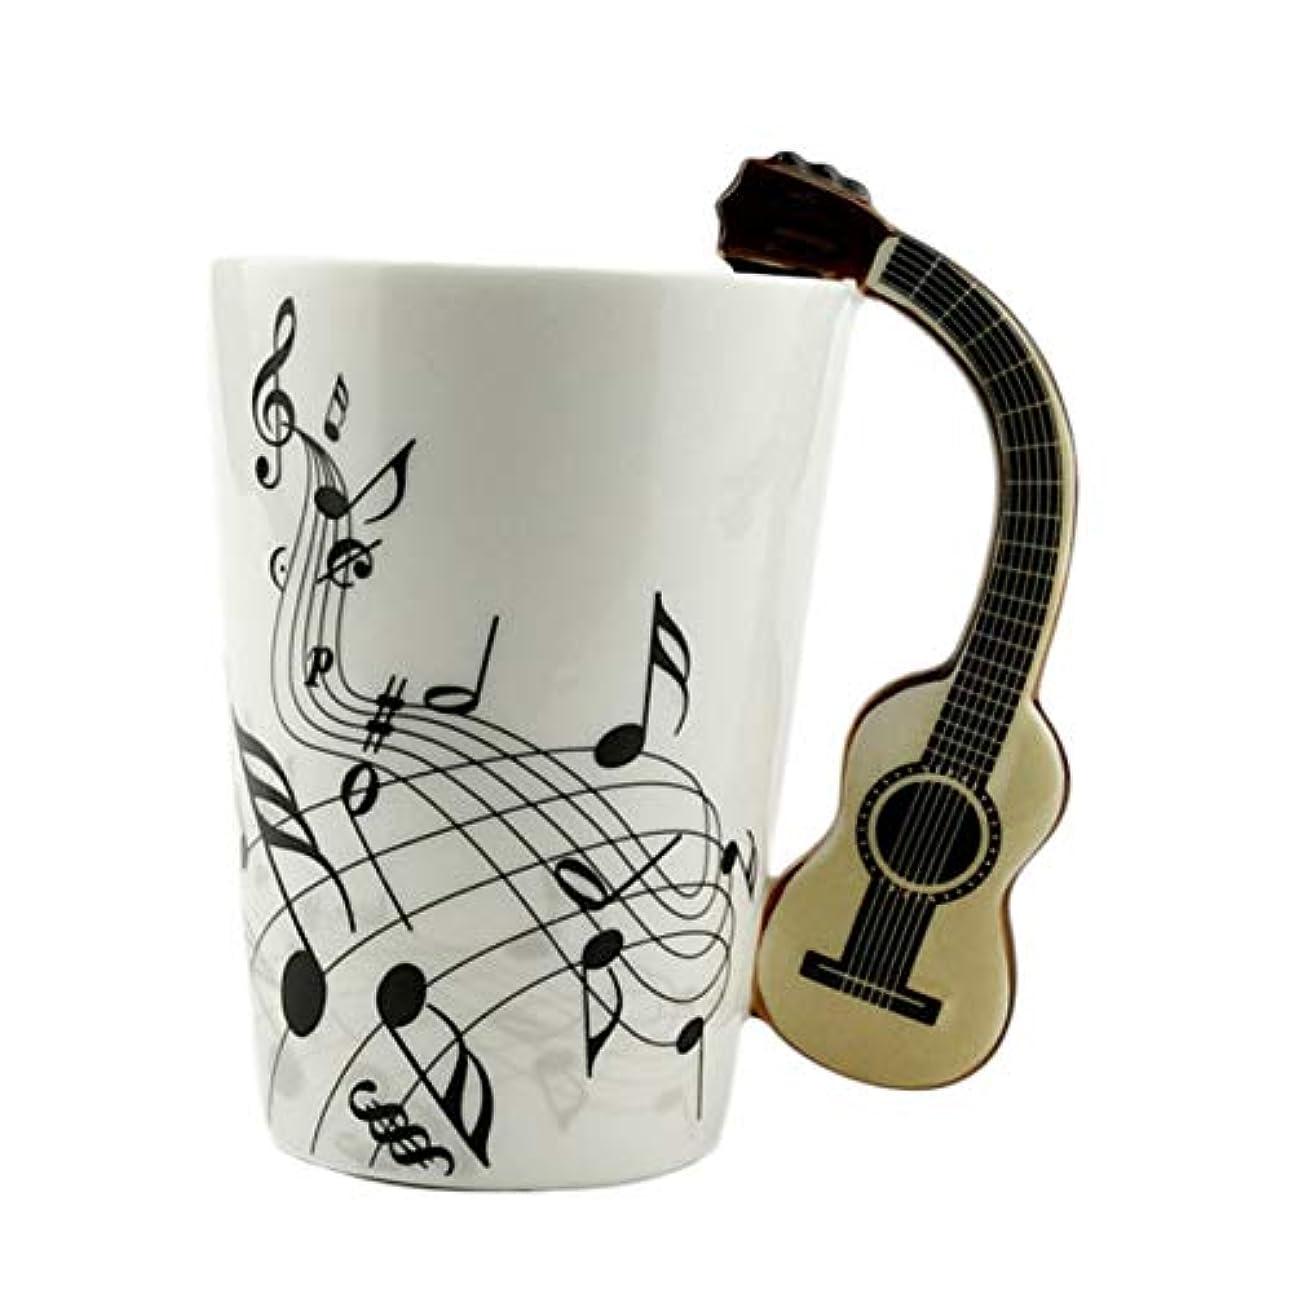 逸脱ピアノを弾くボトルネックSaikogoods ノベルティアートセラミックマグカップ楽器は スタイルのコーヒーミルクカップクリスマスギフトホームオフィスカップ グラスに注意してください。 ホワイトボディギター